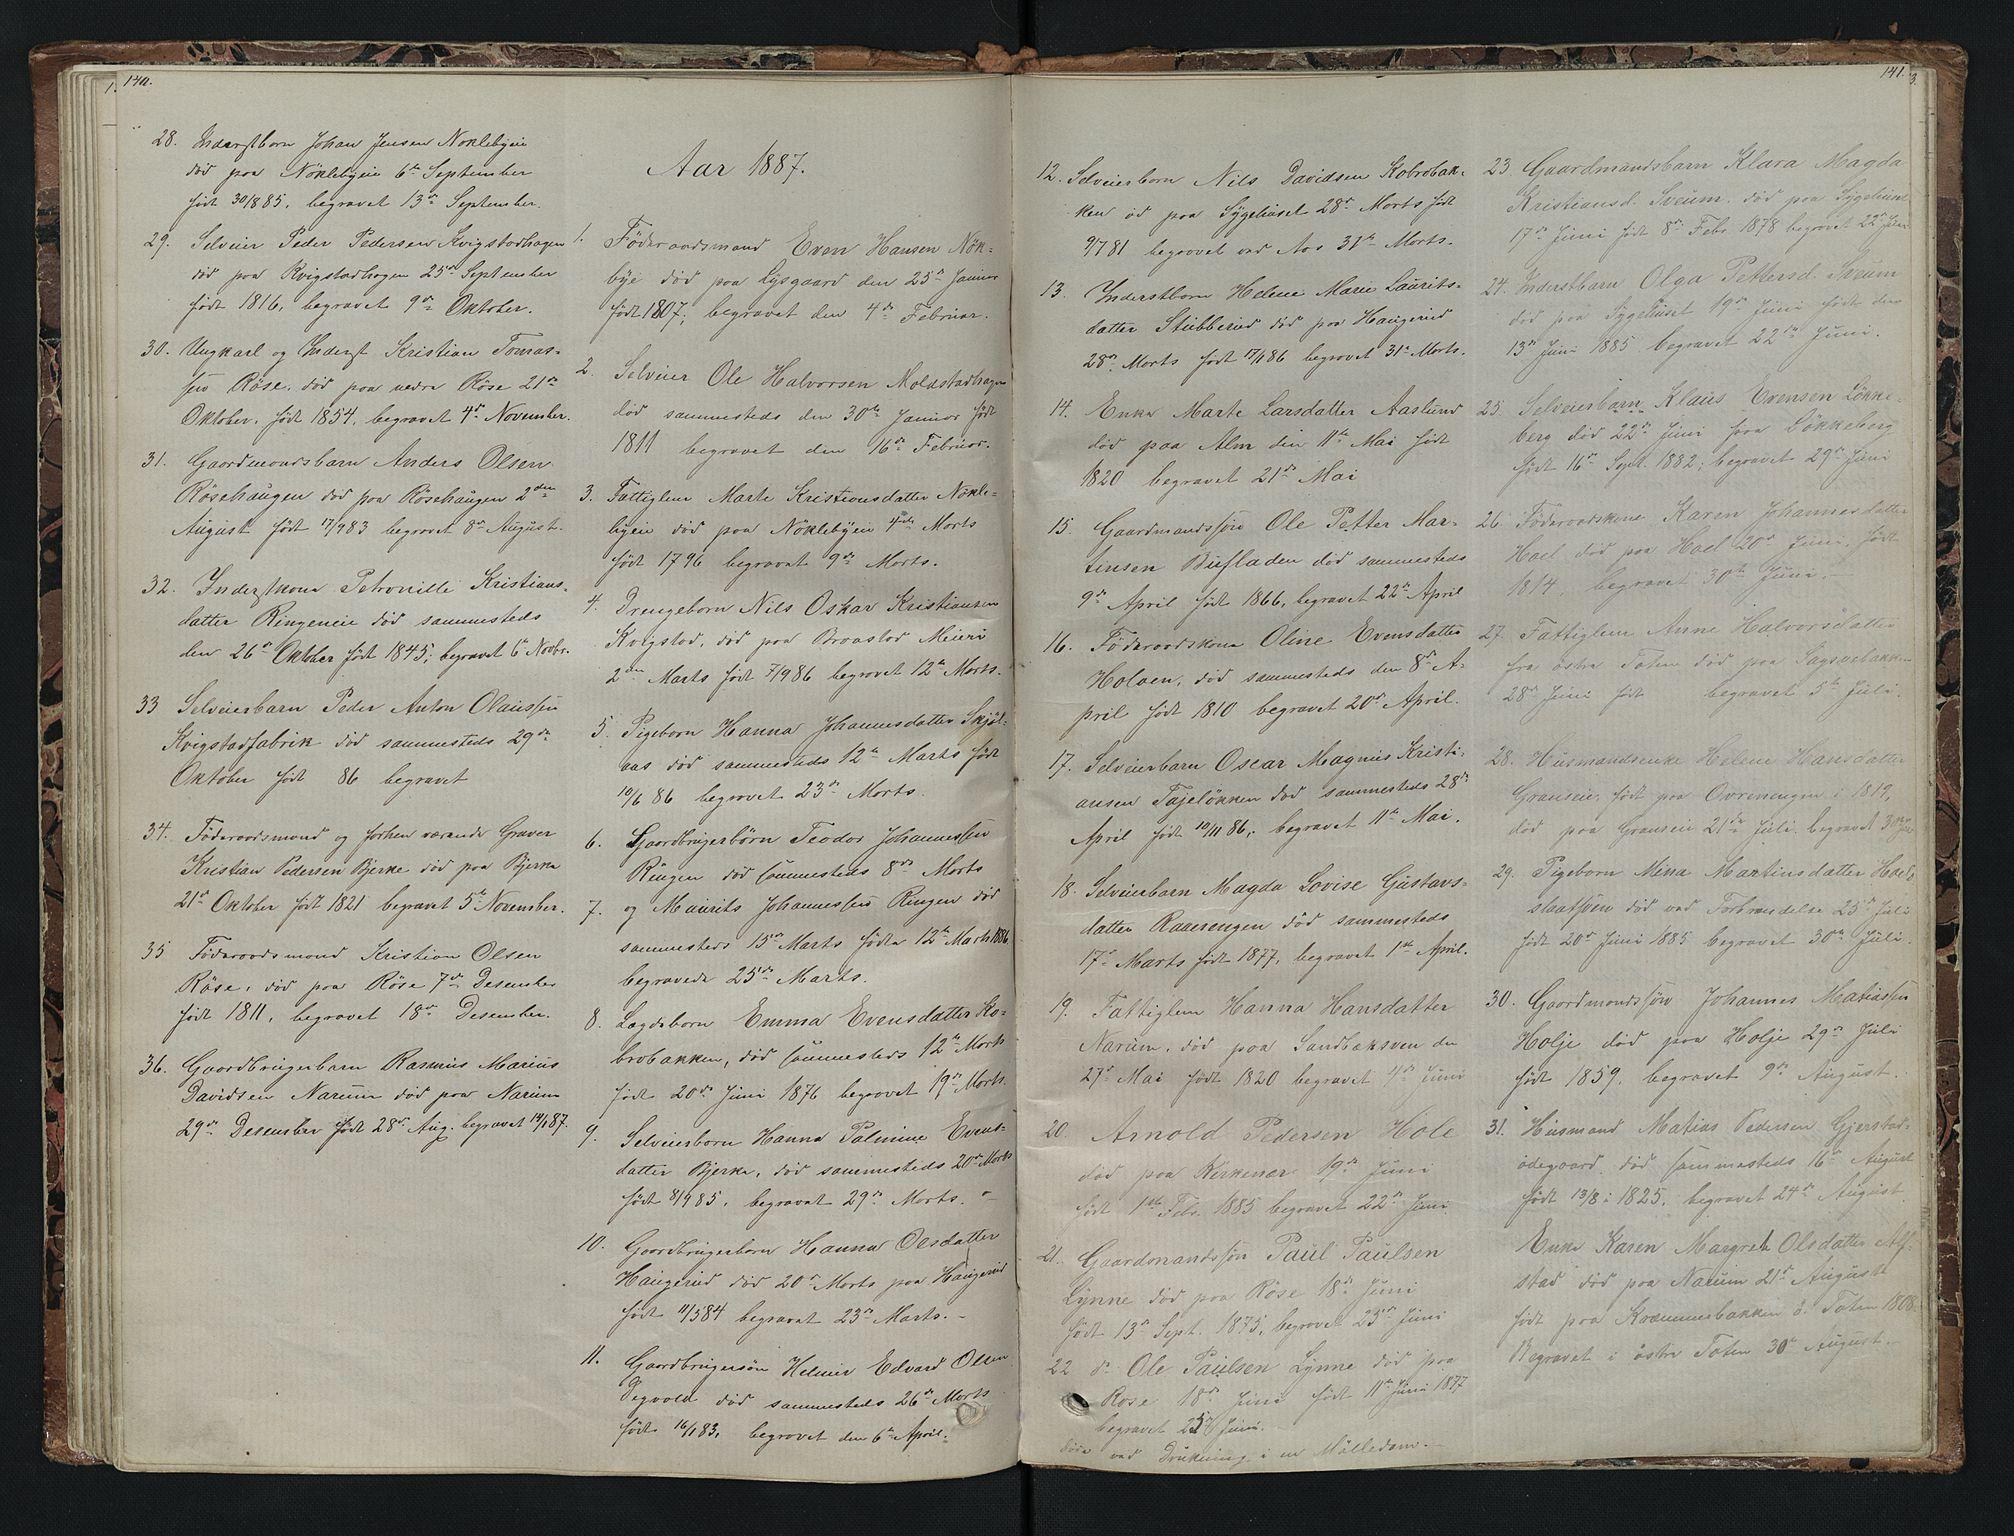 SAH, Vestre Toten prestekontor, Klokkerbok nr. 7, 1872-1900, s. 140-141